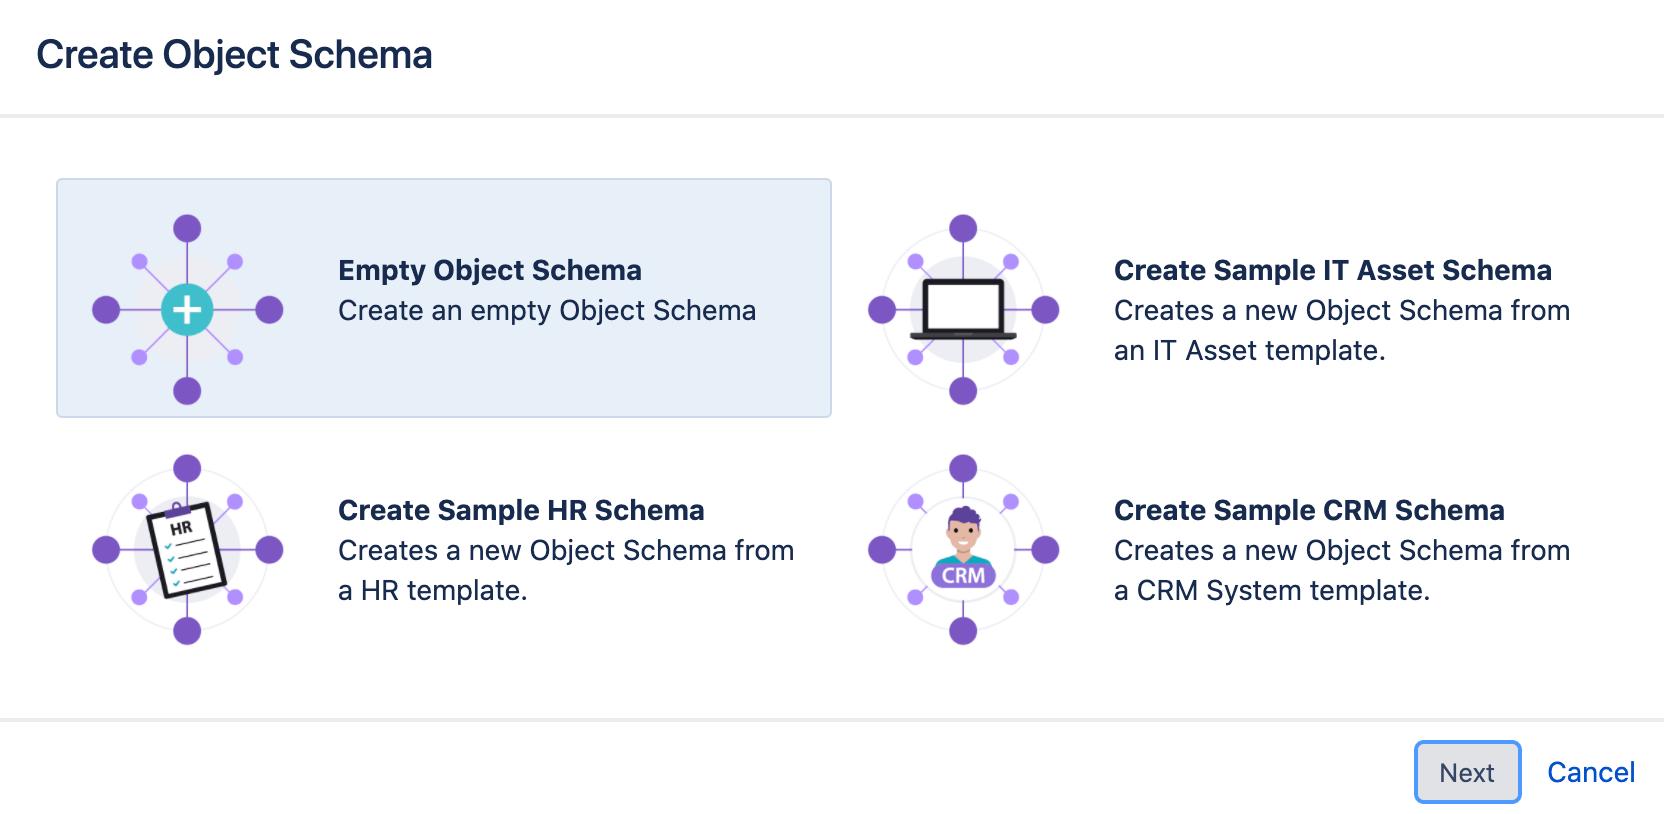 Modulo di creazione dello schema di oggetti con le opzioni di schema vuoto, lo schema di asset IT, lo schema delle risorse umane e lo schema CRM.